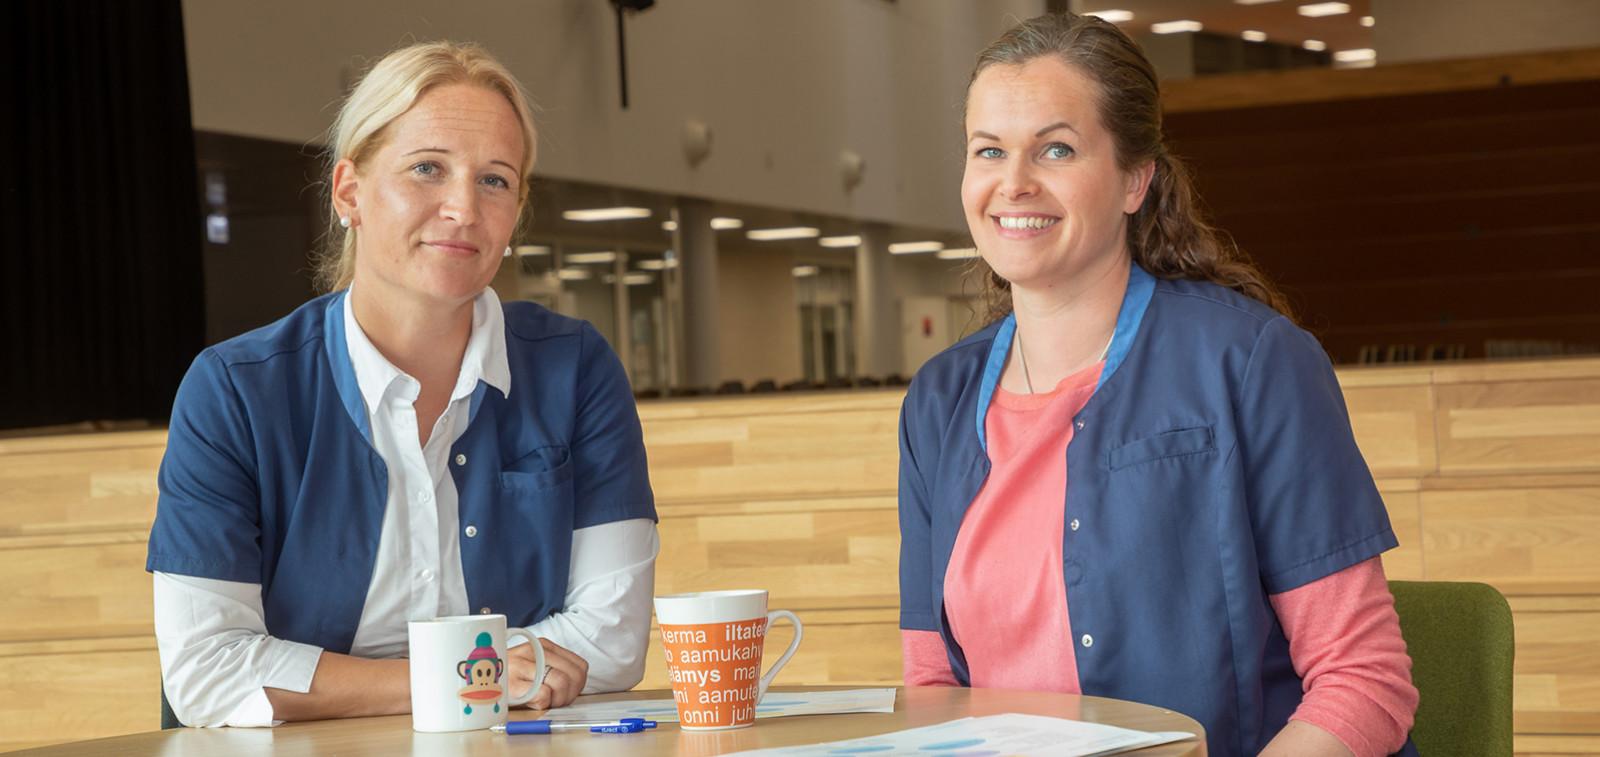 Terveydenhoitajat Pia Rantala ja Saiju Koskelo kahvittelemassa.